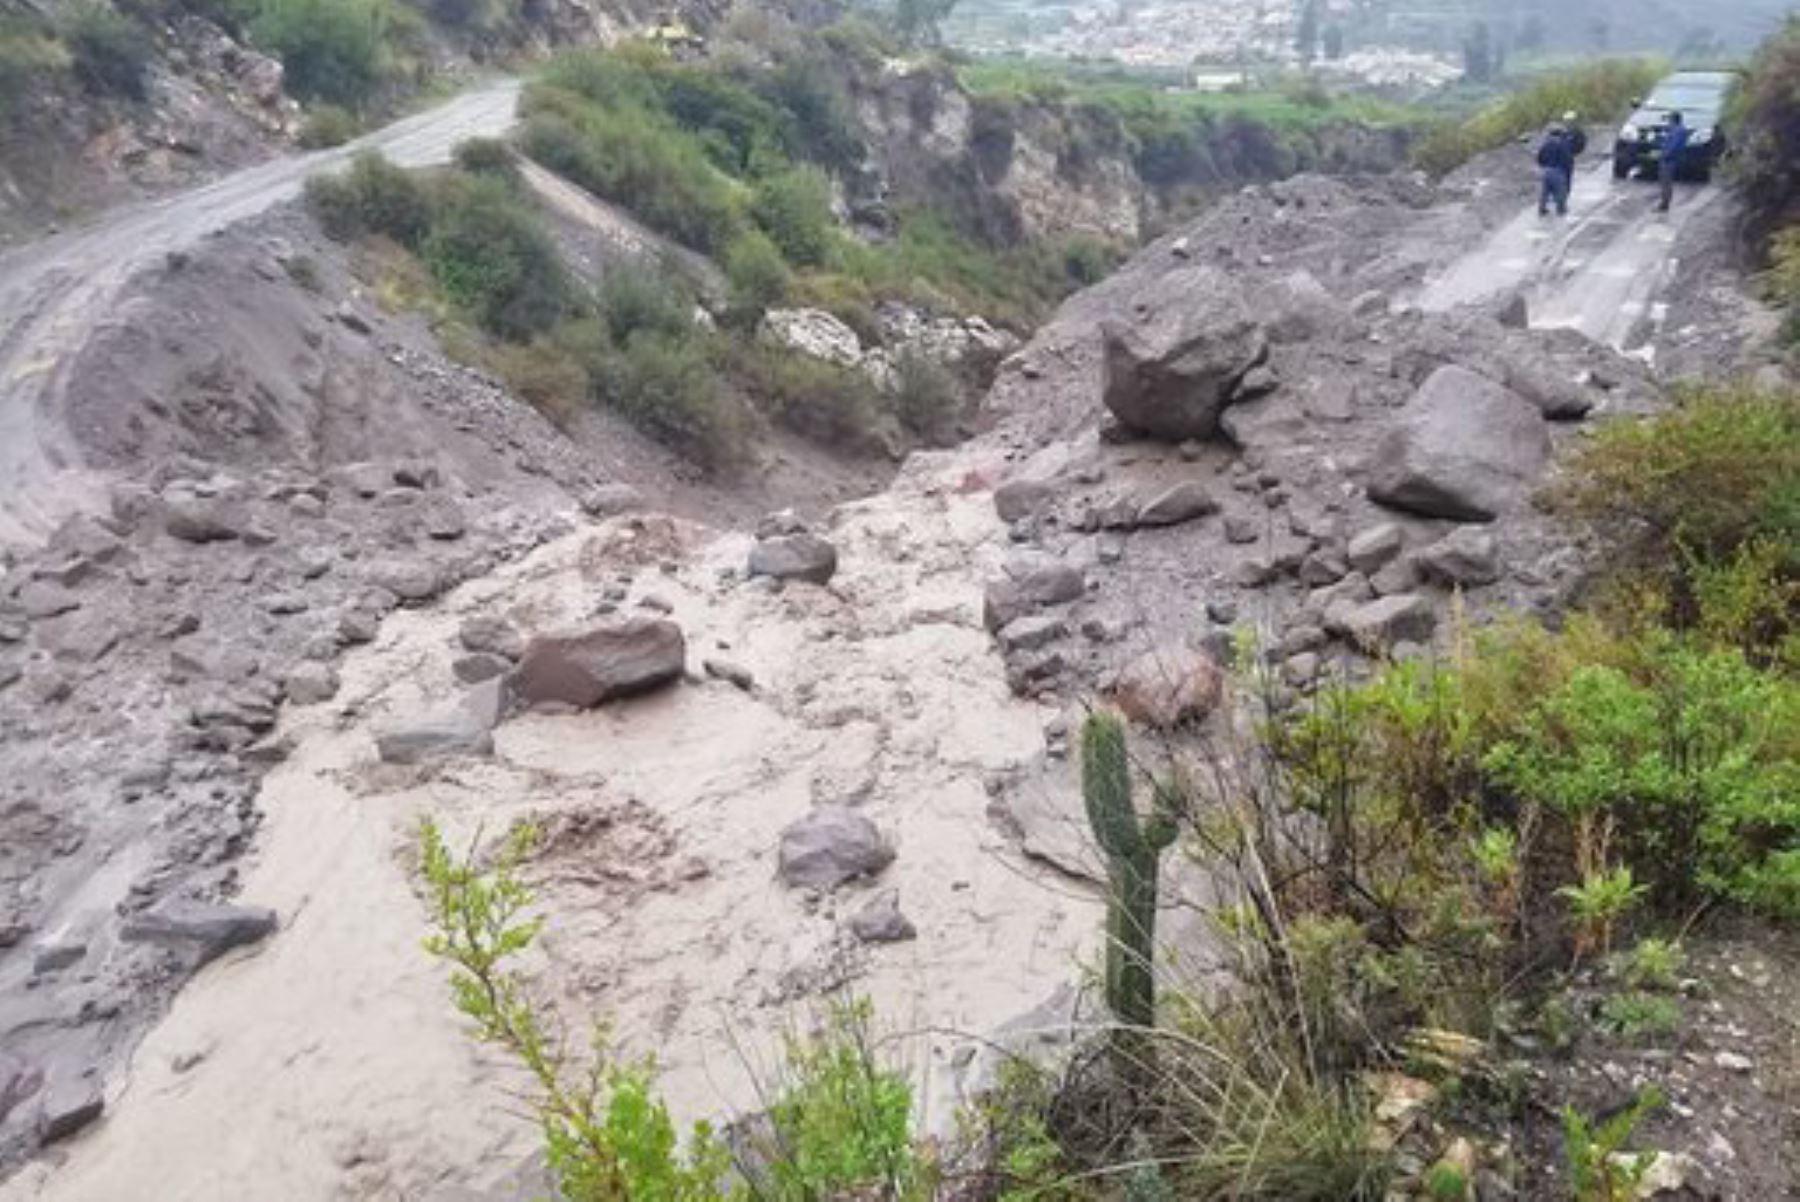 Lahar o huaico volcánico en el valle del río Ubinas se produjo por intensas lluvias, informó el Ingemmet.